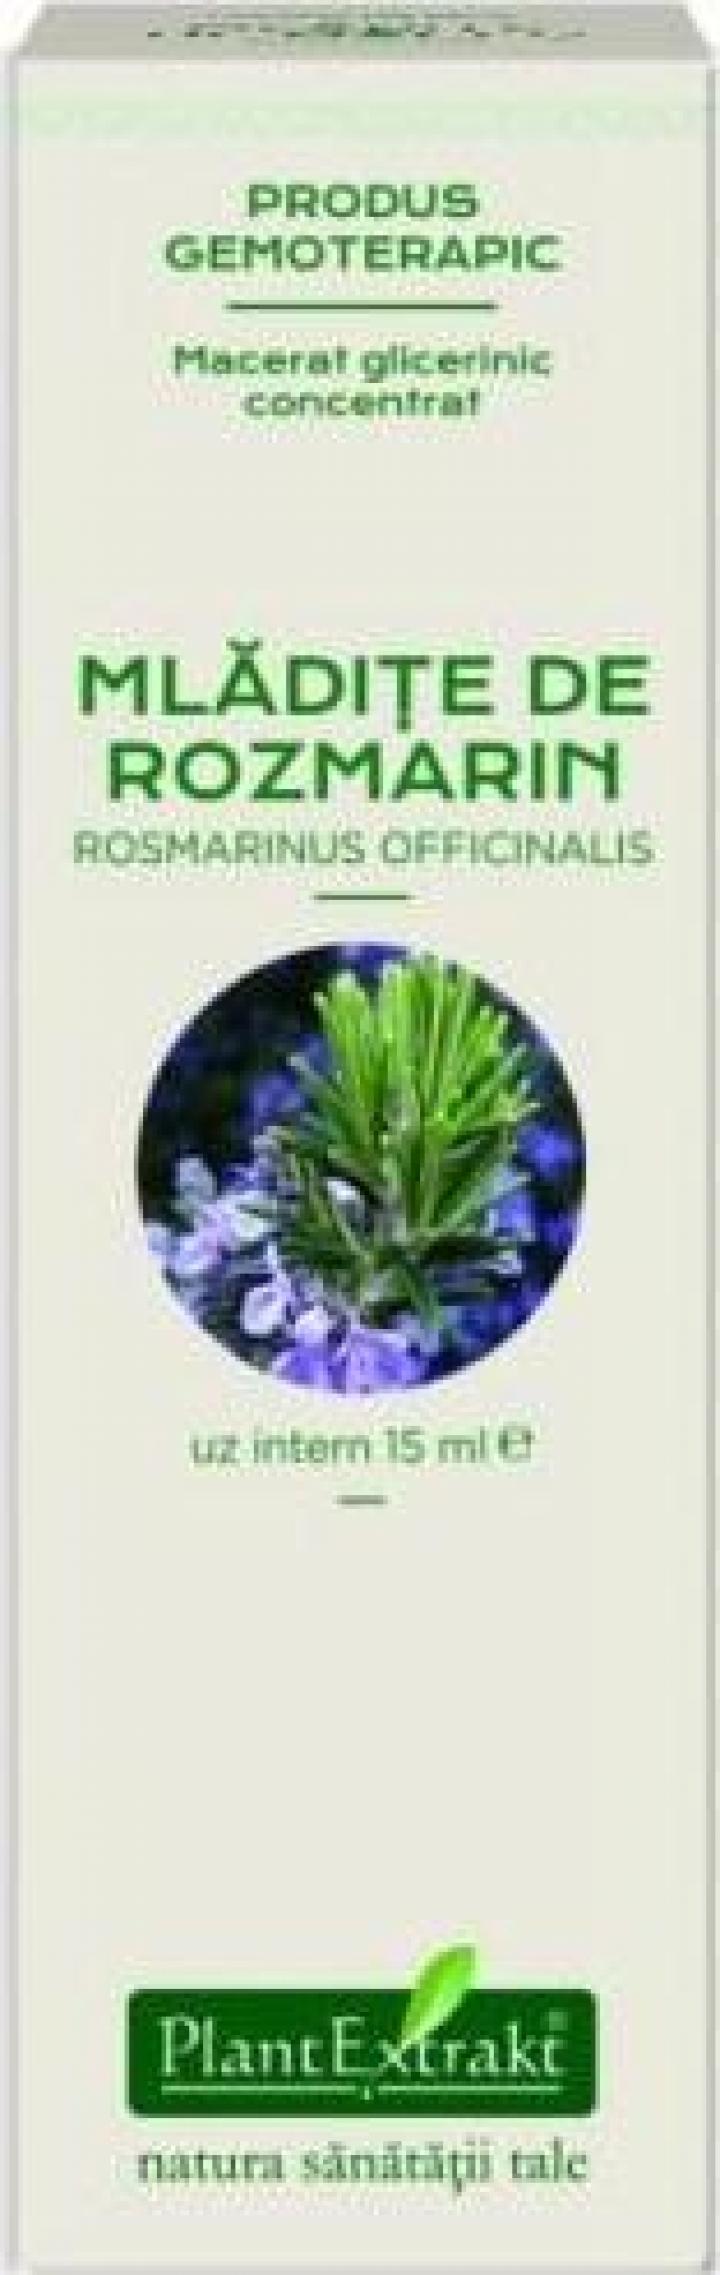 Extract concentrat din mladite de rozmarin (Rosmarinus Off.)